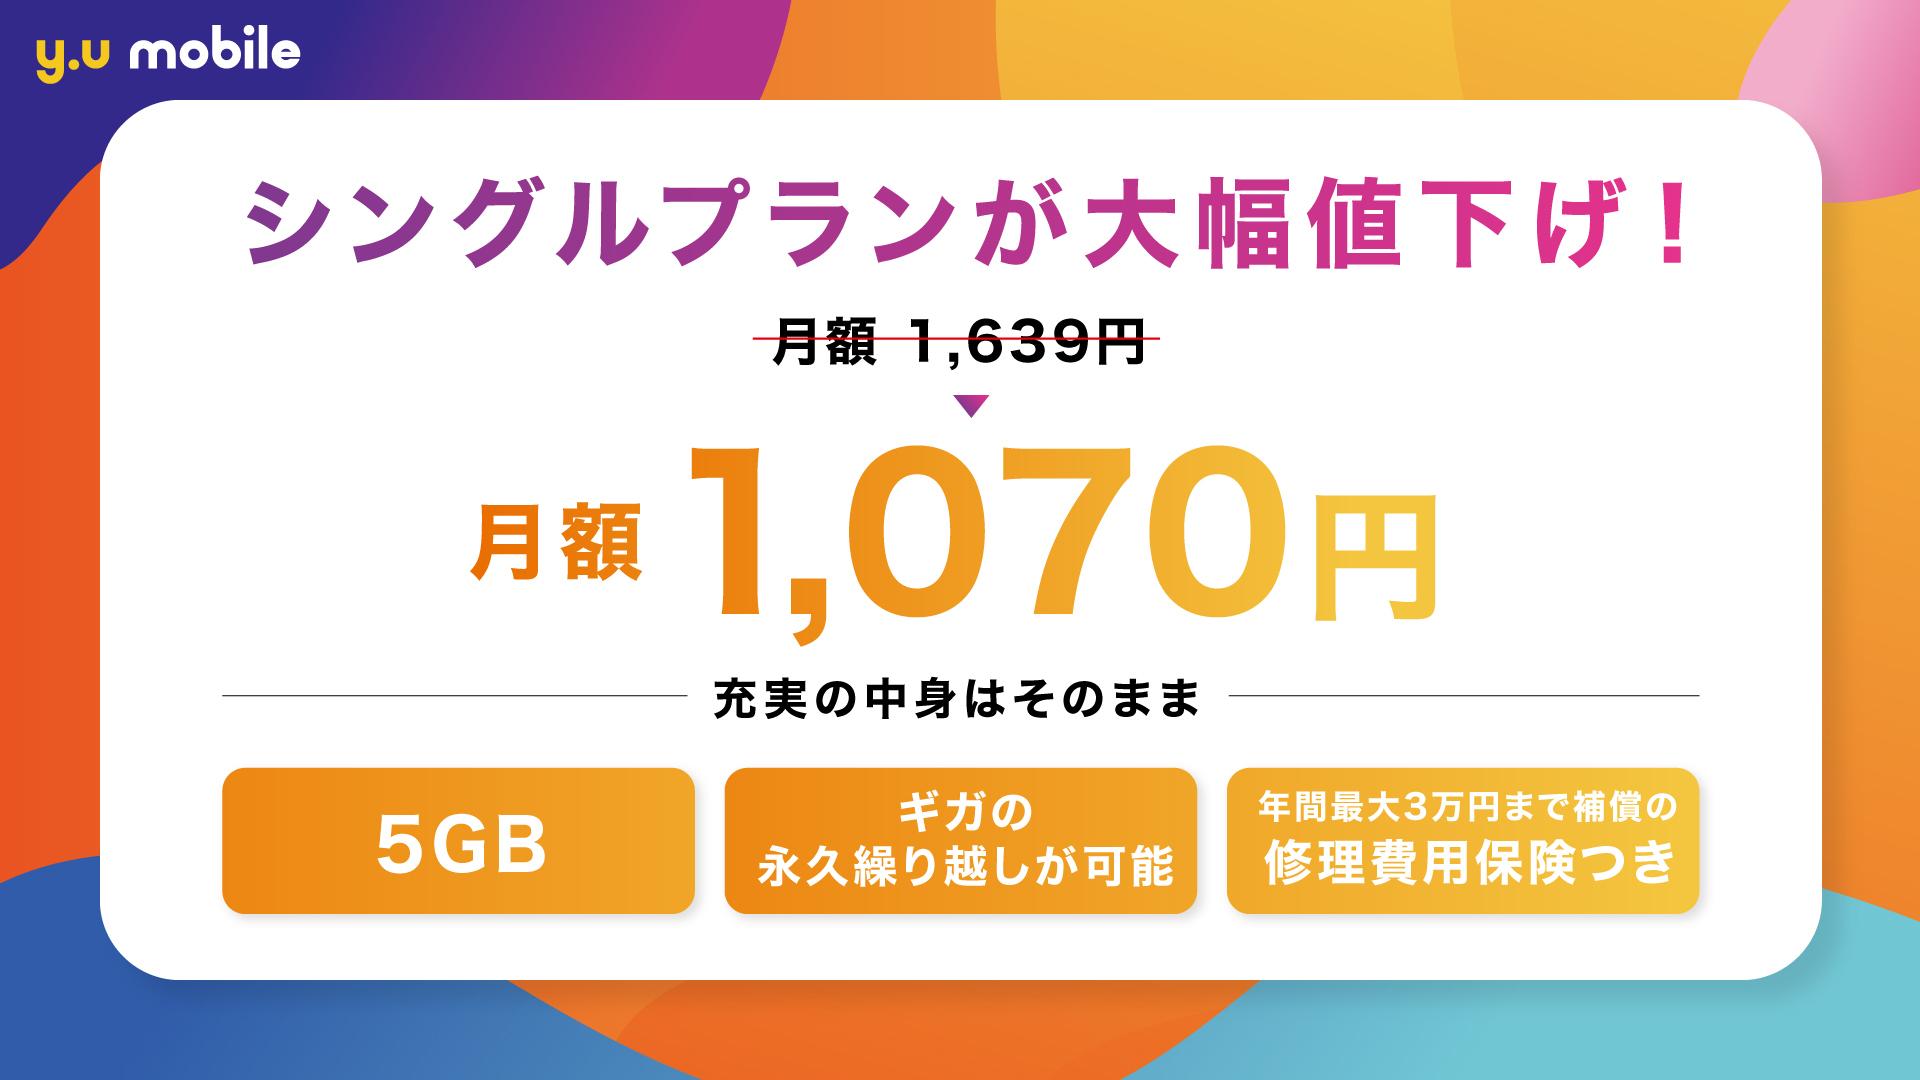 y.u mobileで5GBプランが1639円⇒1070円に値下げ。1万円キャッシュバックは終了へ。10/1 12時~。